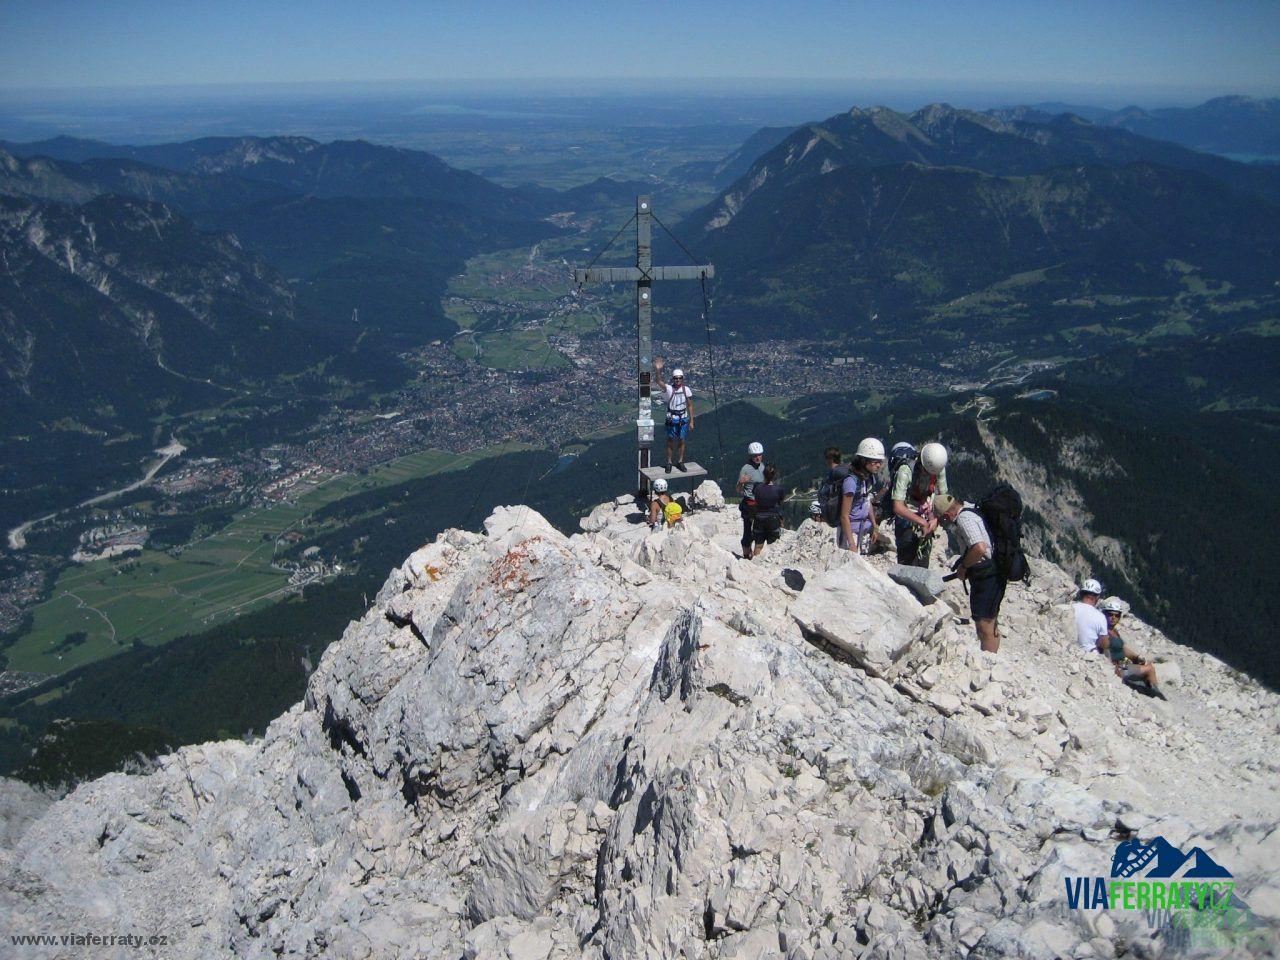 Klettersteig Ferrata : Alpspitze über alpspitz ferrata bergtour klettersteig info